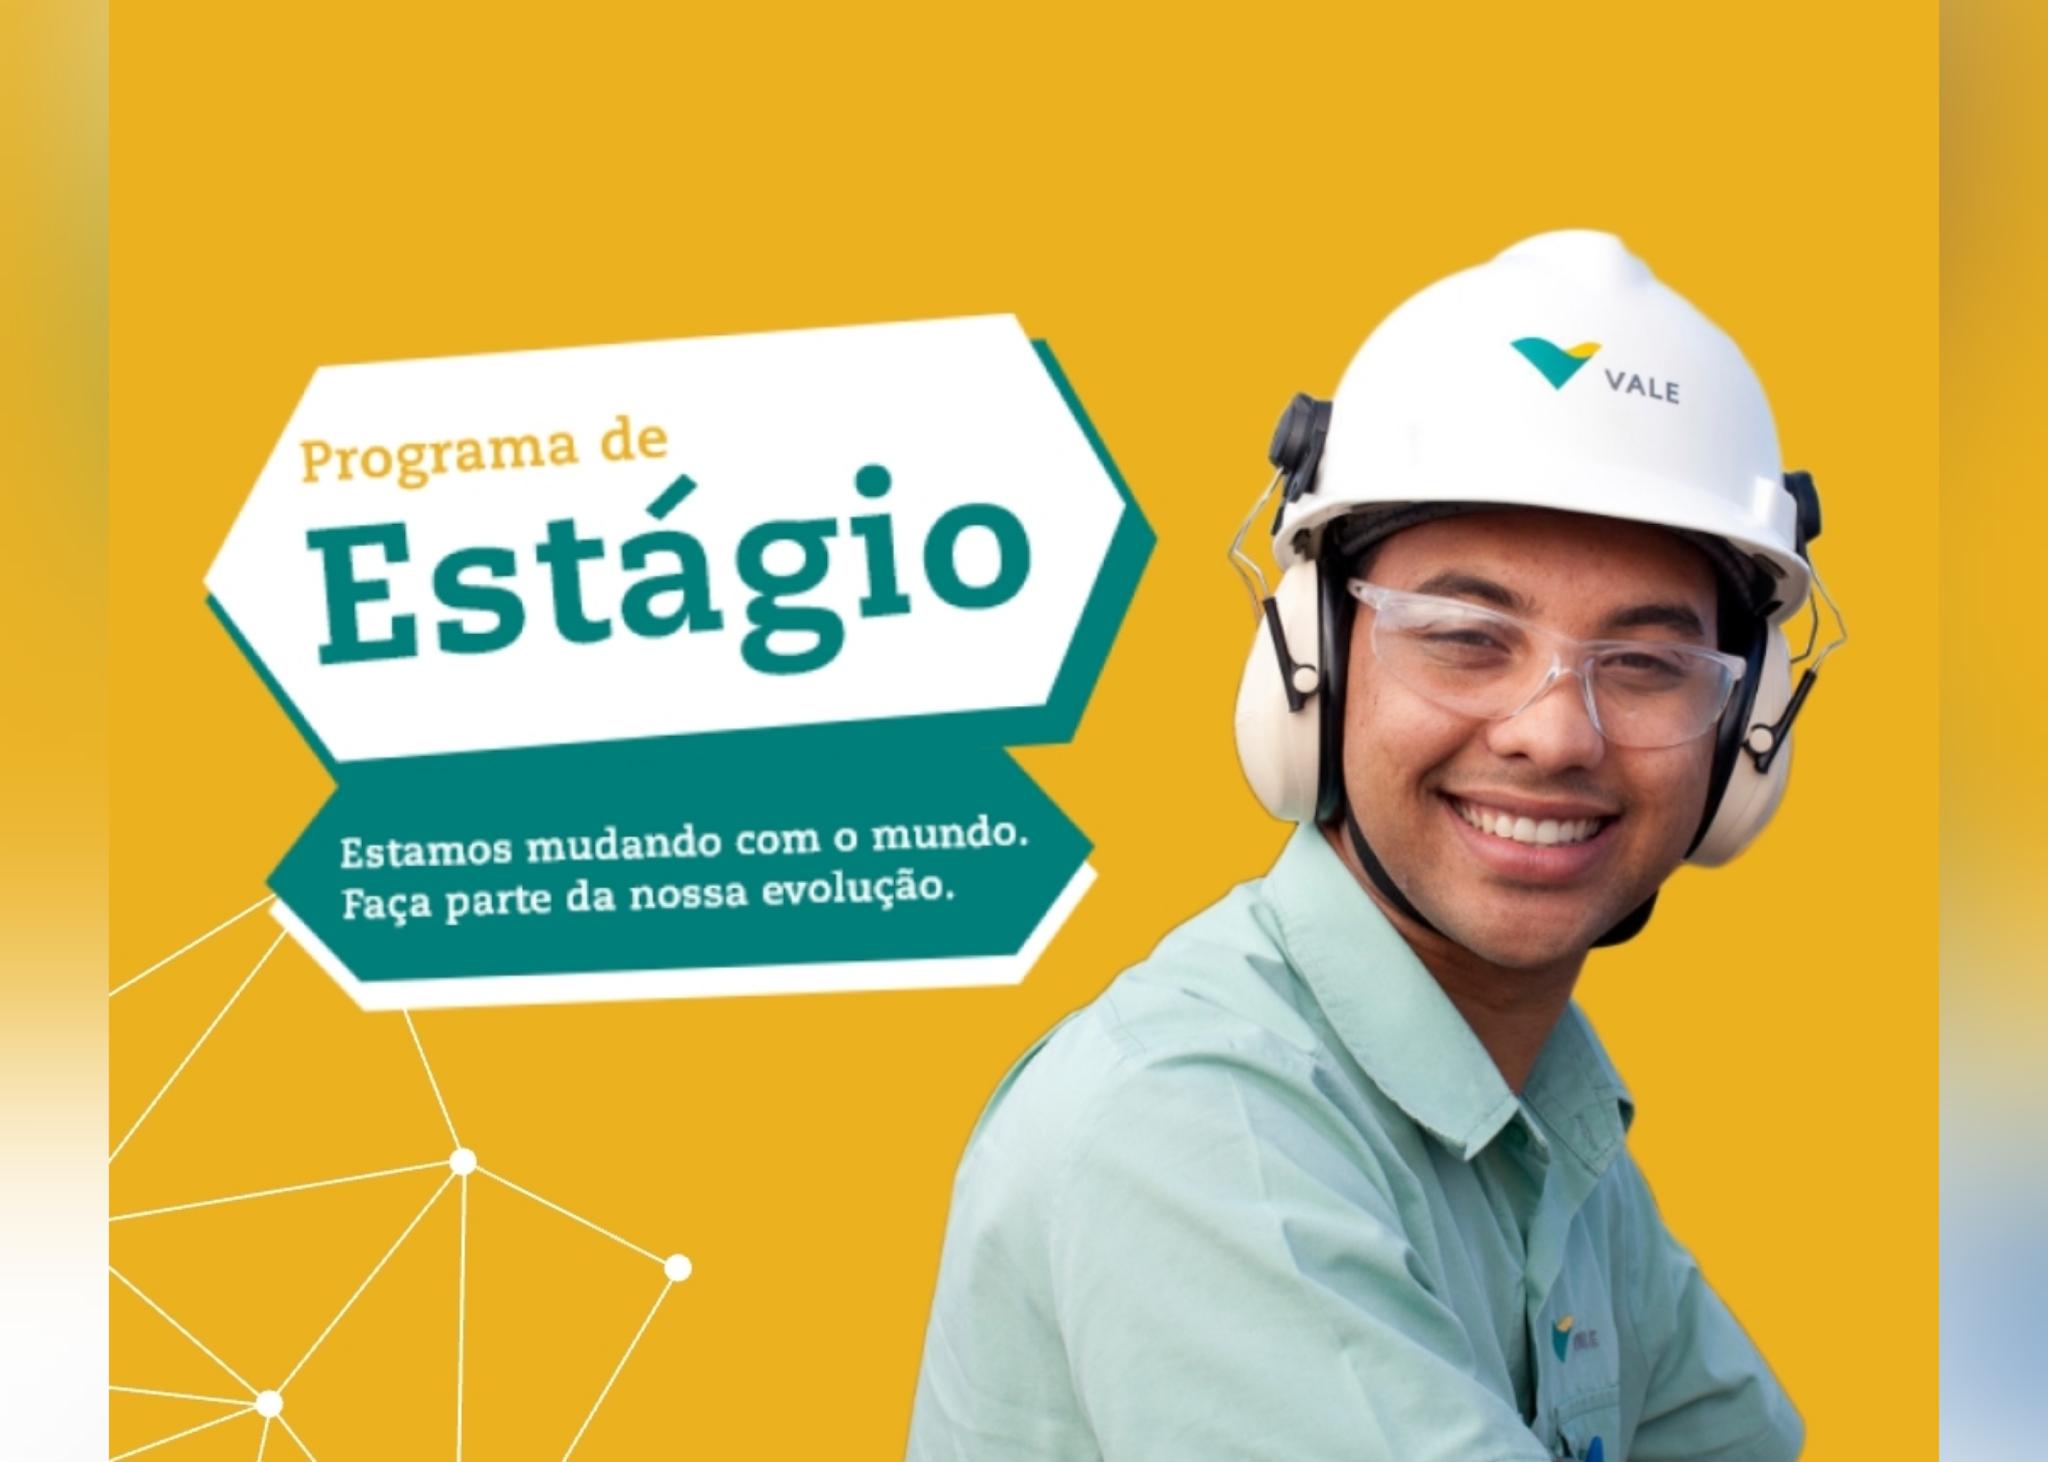 Vale abre 900 vagas de estágio em diversas localidades do país - Portal Pebão  veja clicando no link abaixo! https://www.portalpebao.com.br/2021/06/vale-abre-900-vagas-de-estagio-em.html?m=1